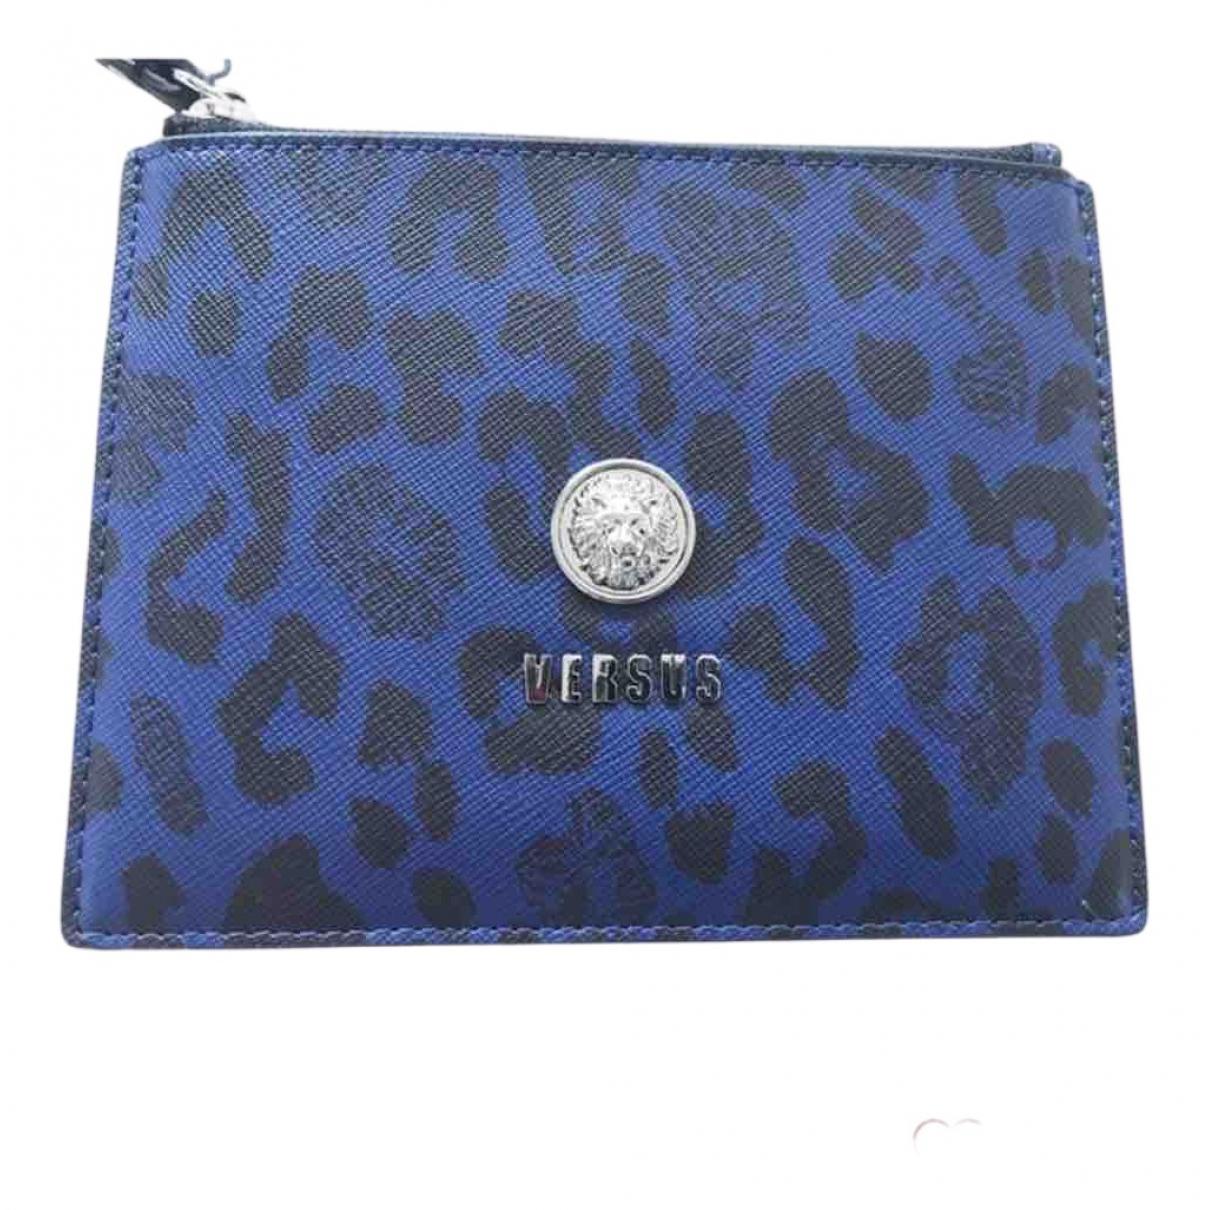 Versace \N Clutch in  Blau Leder